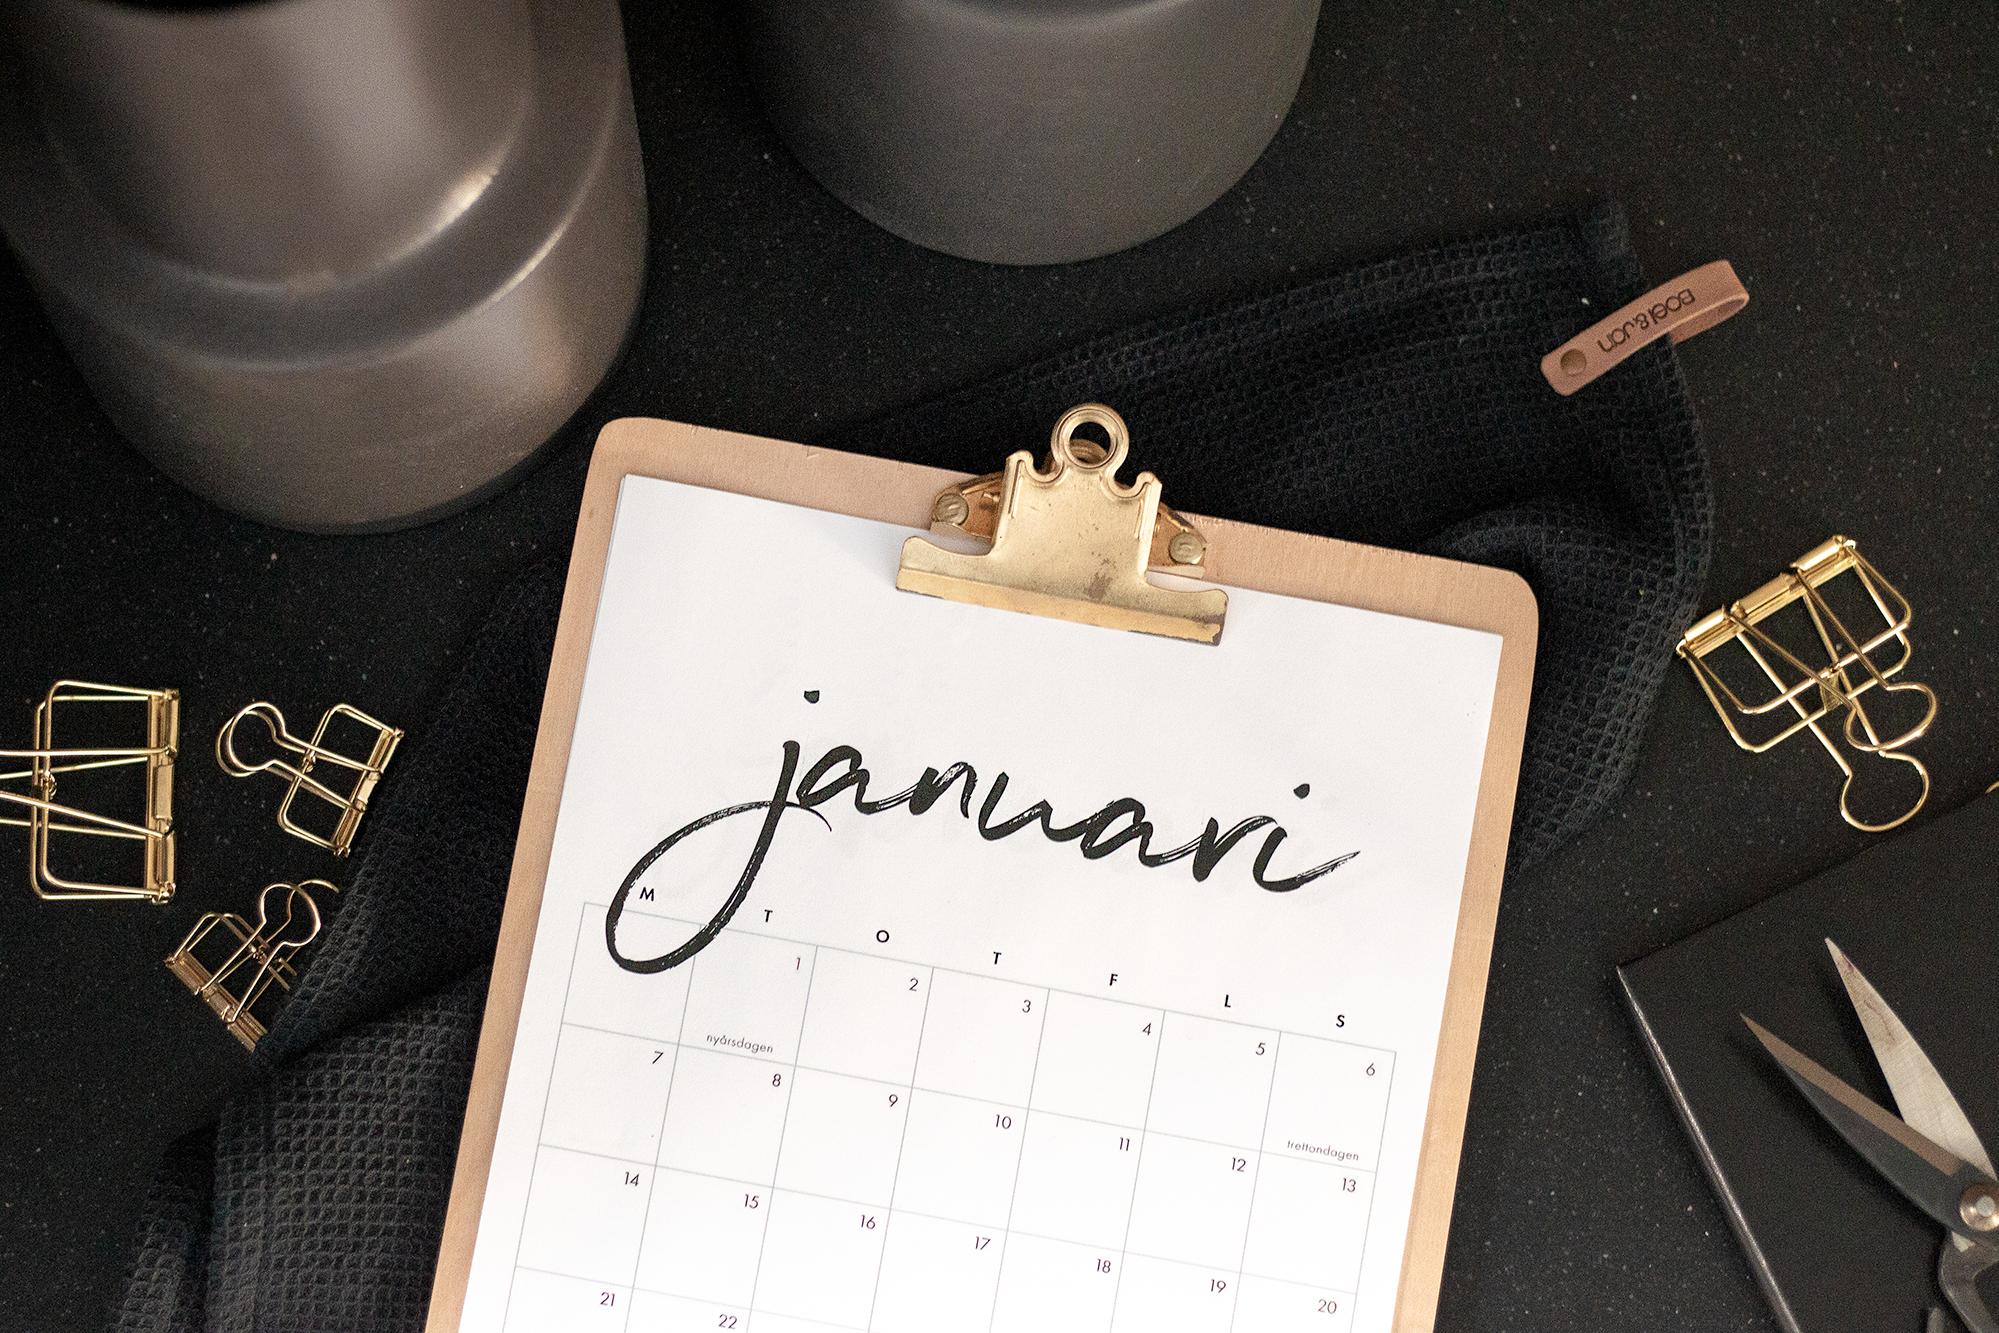 Gratis Kalender 2019 | Nerladdningsbar kalender | Finlandssvensk kalender | Printable calendar | By Sandramaria | Sandramarias.com